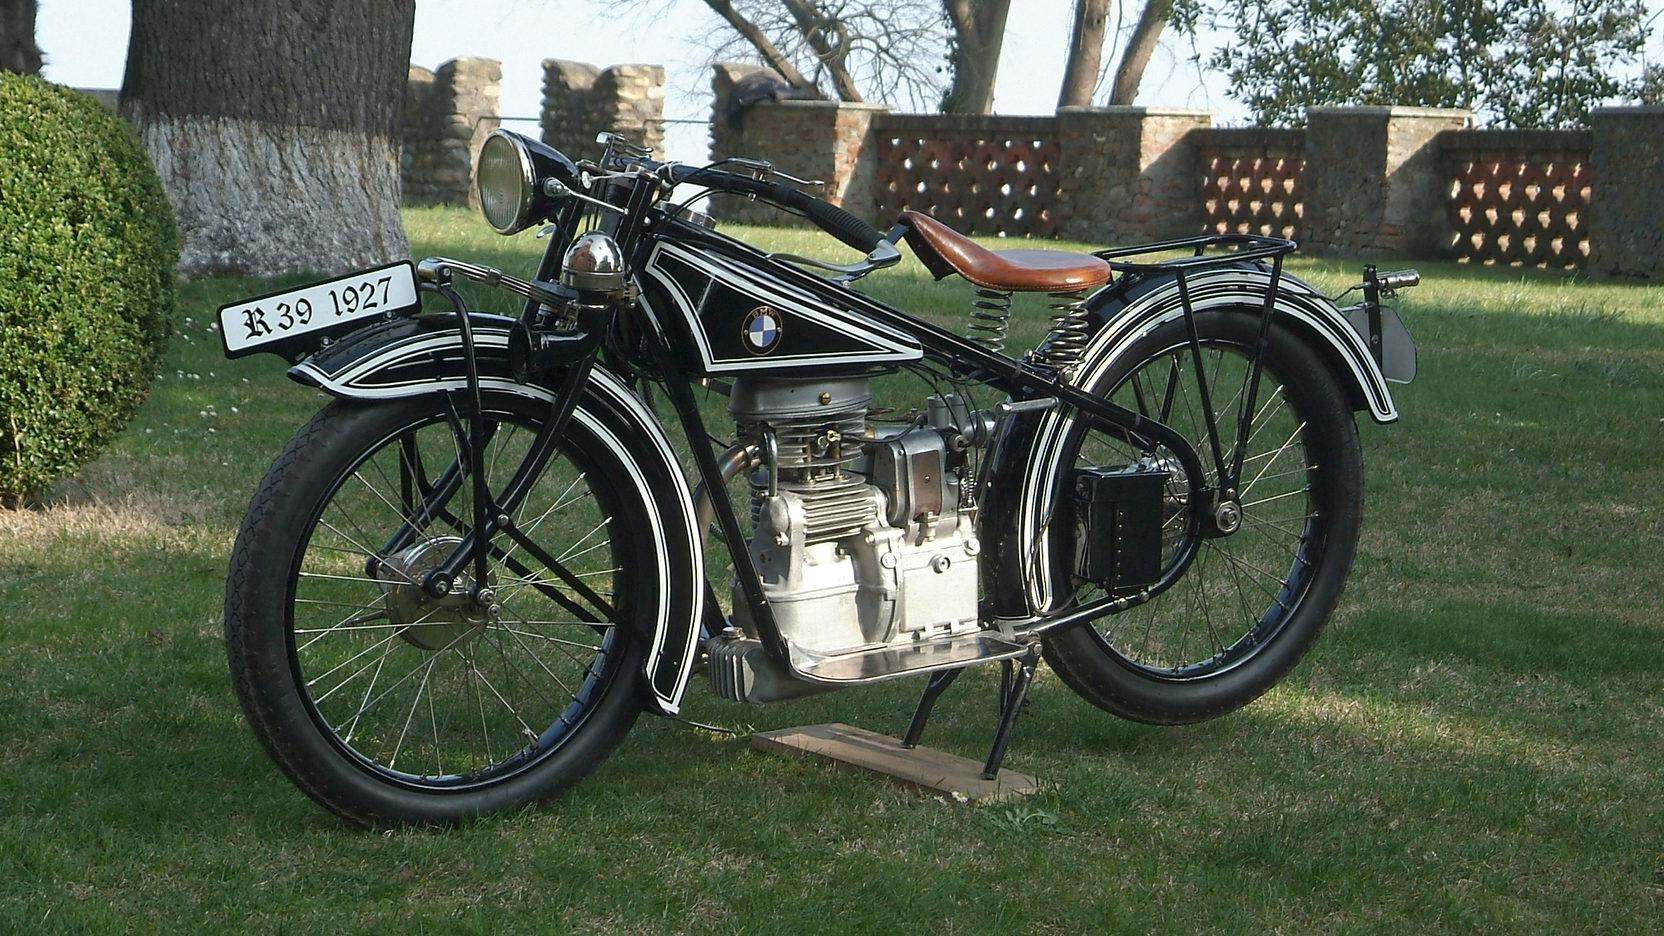 BMW R39 1927